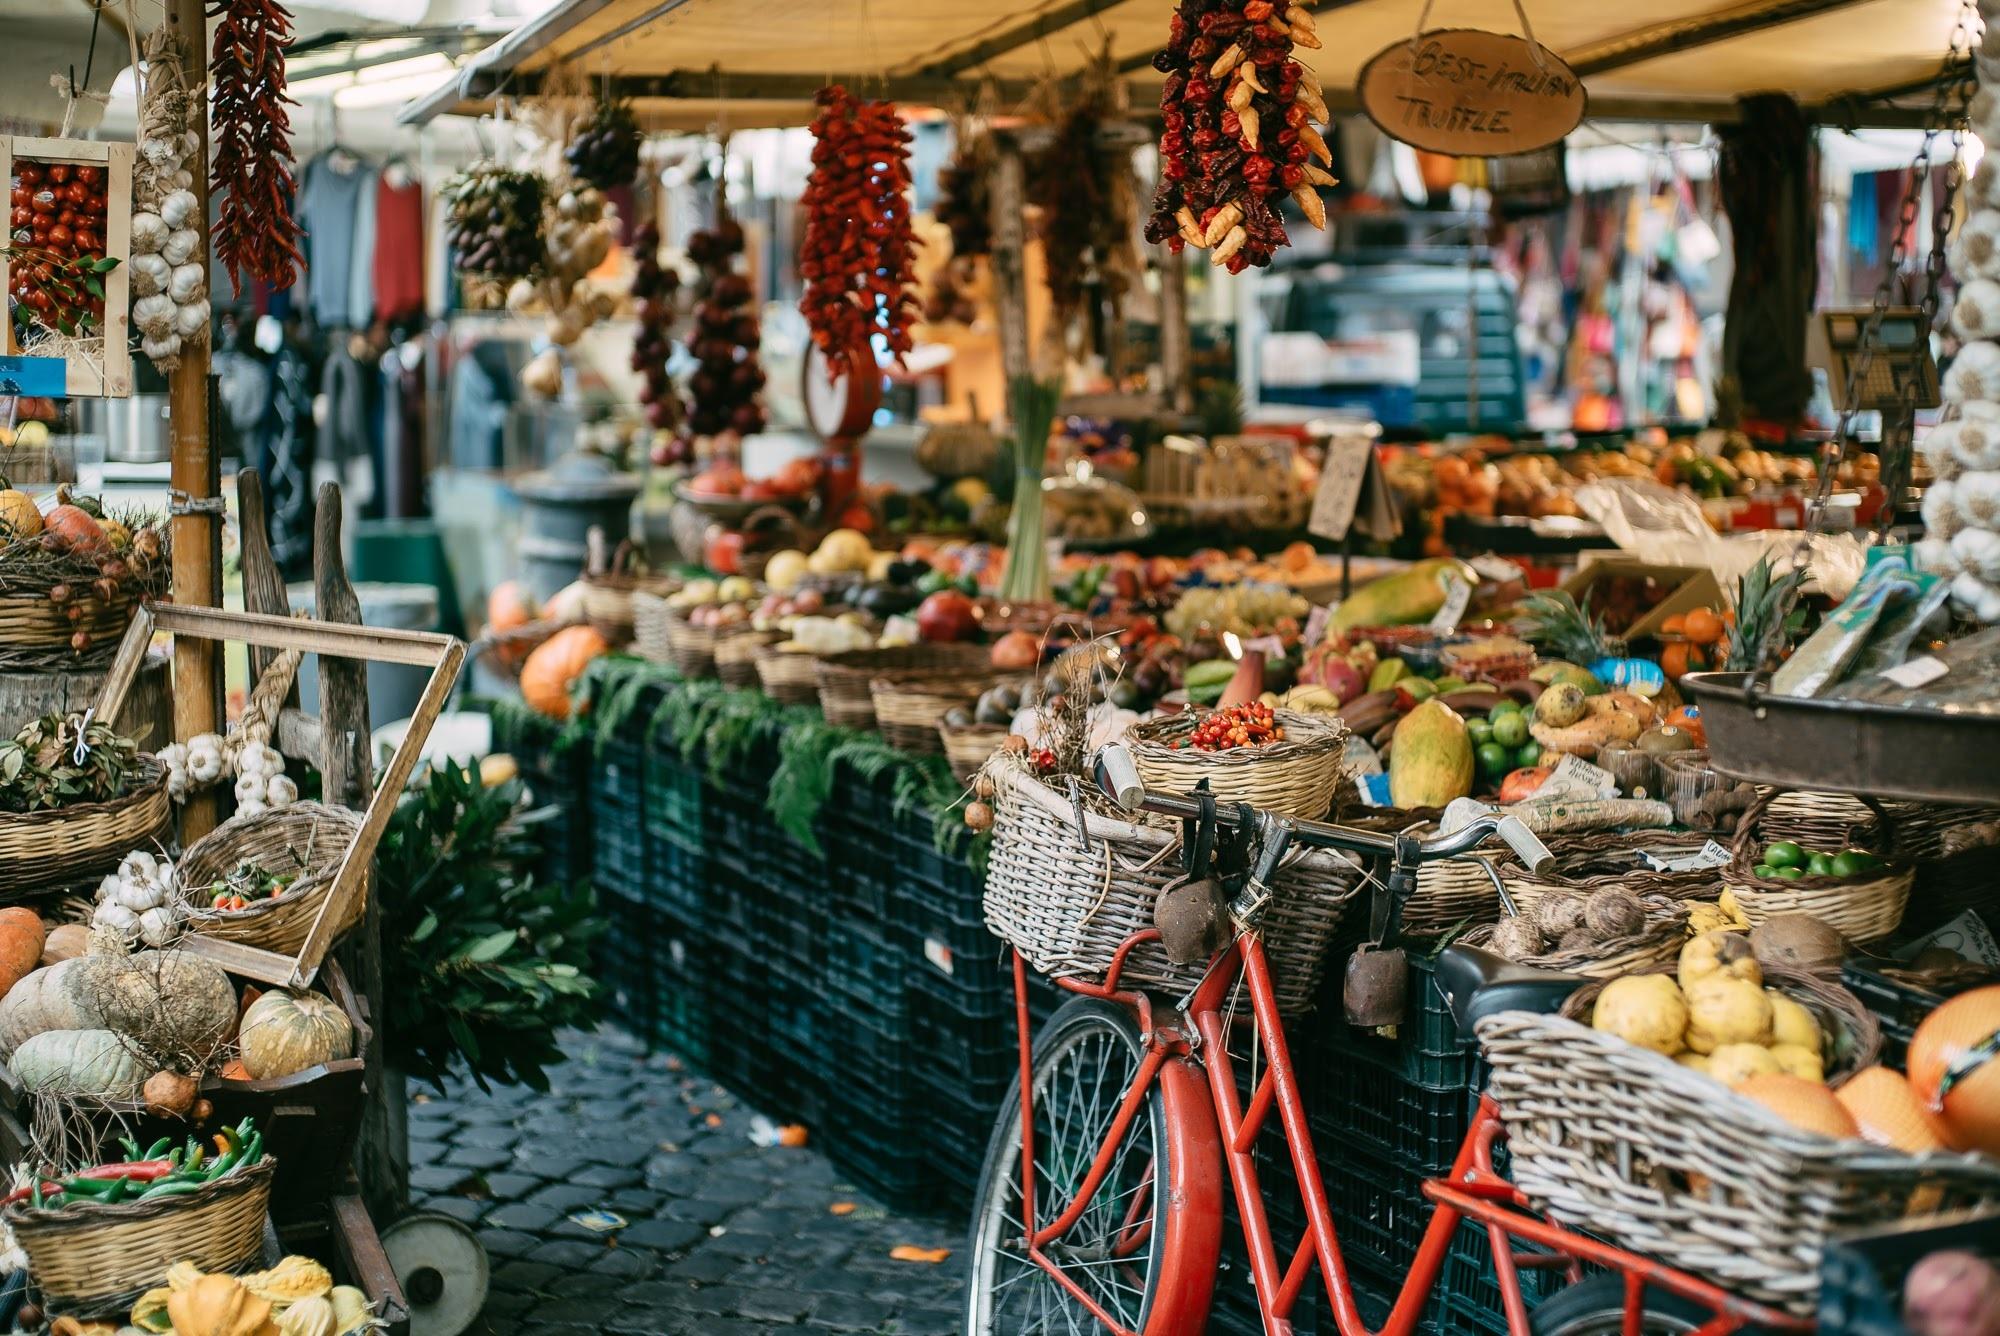 Campo de fiori - Mercato